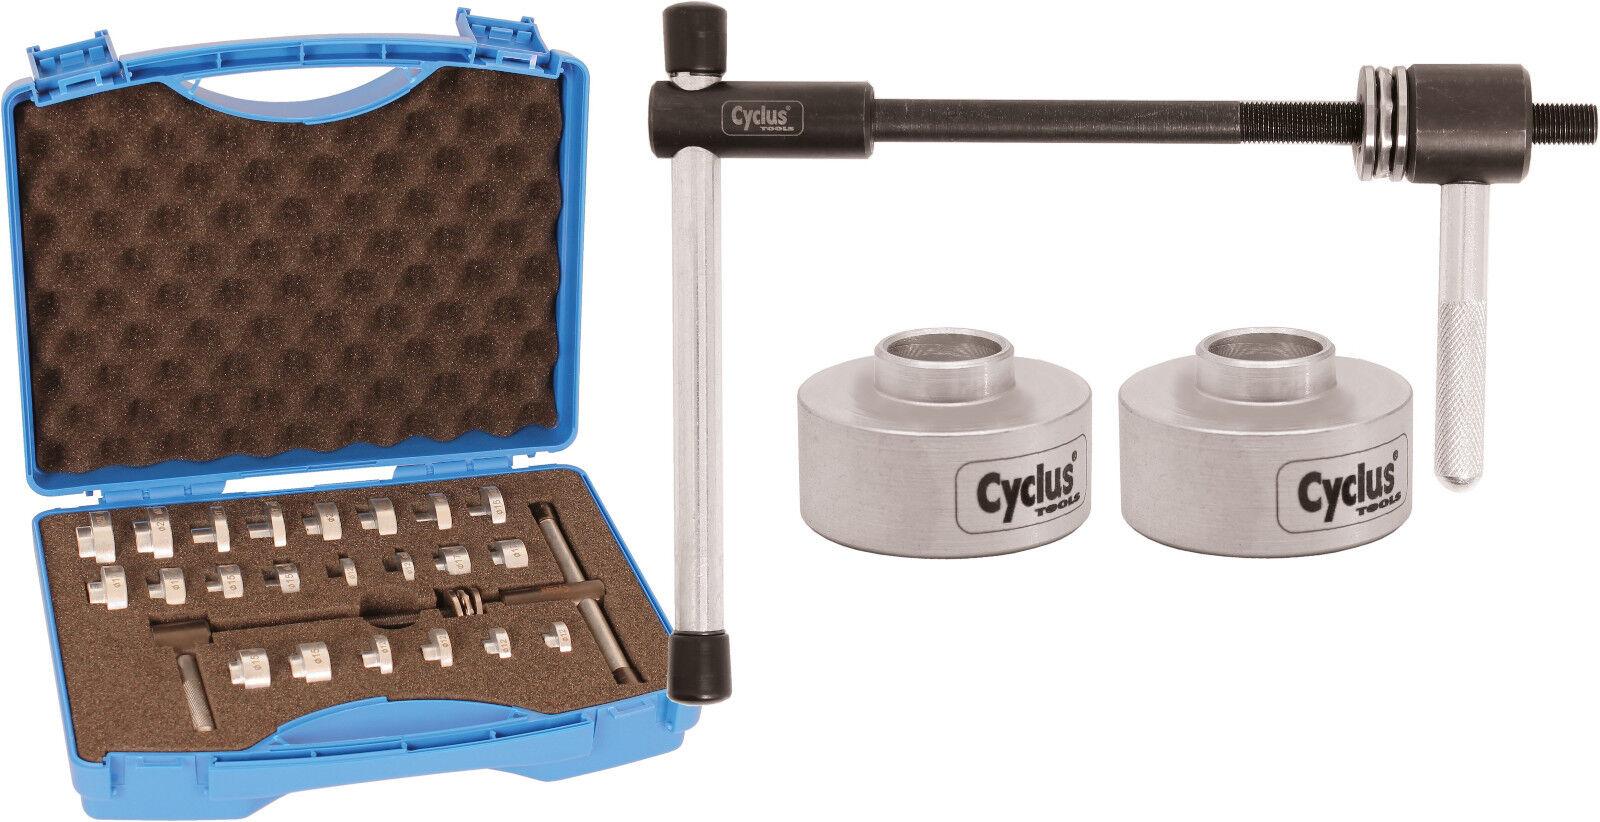 CYCLUS  TOOLS Einpresswerkzeug für Lager einzeln oder im Koffer als Set  welcome to buy